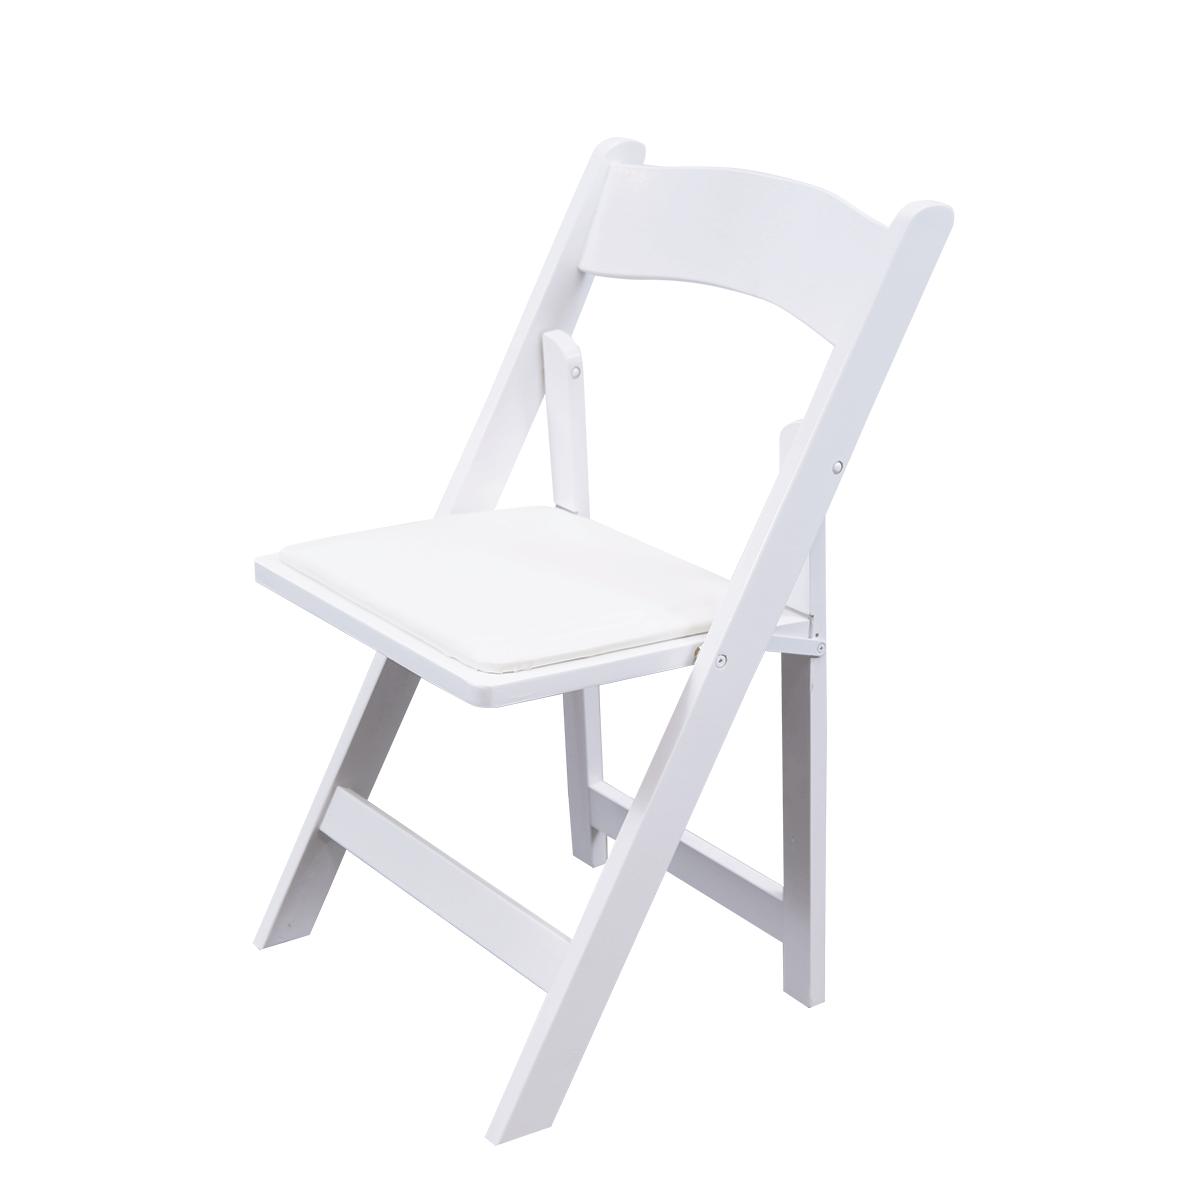 Bistrostuhl, Holz, weiß, klappbar mit Sitzpolster